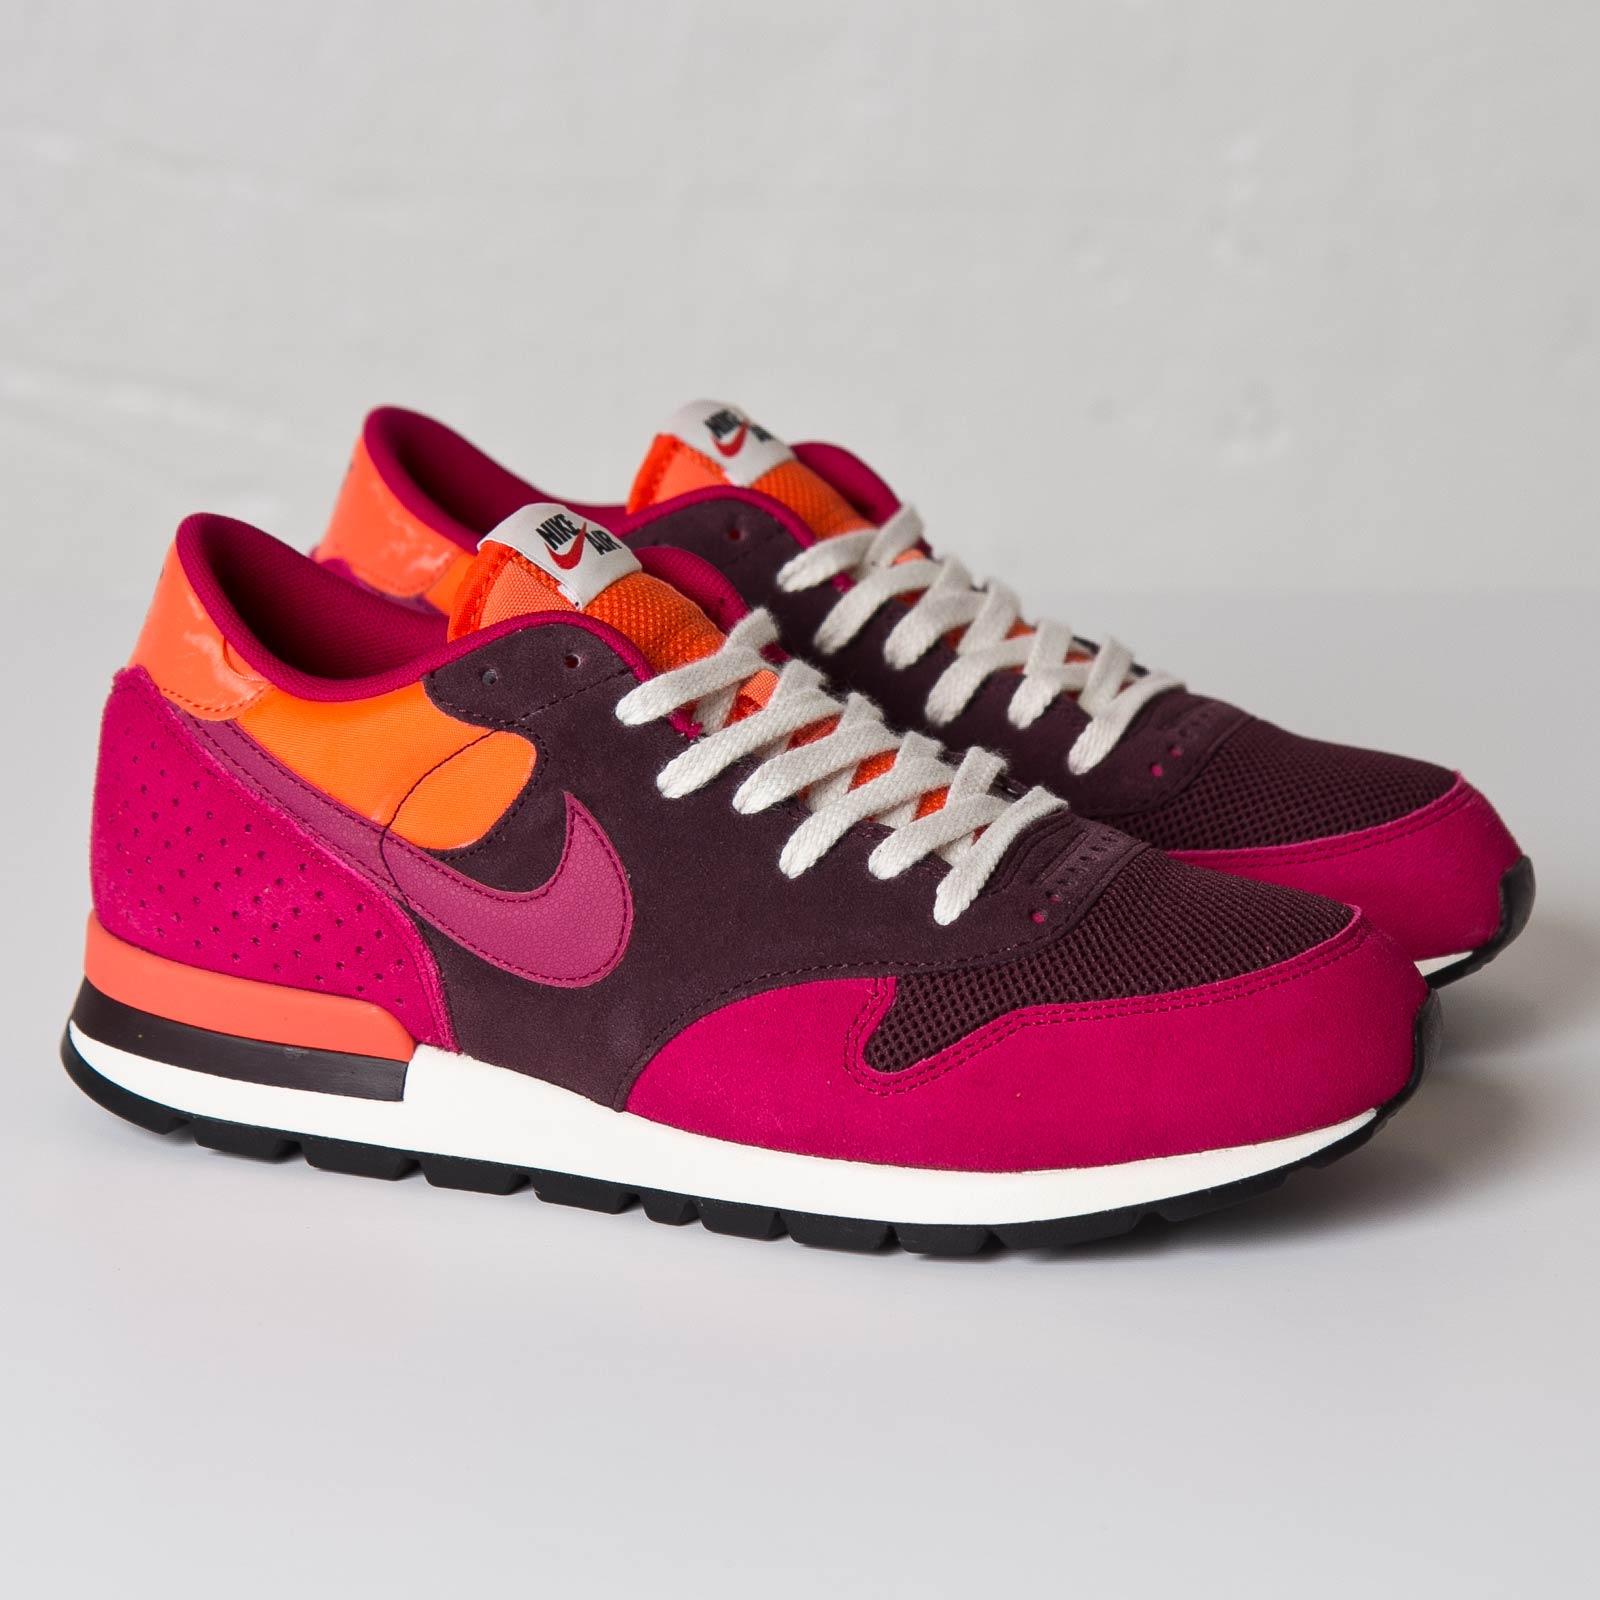 Nike Air Epic QS - 810171-600 - Sneakersnstuff  5f99793af